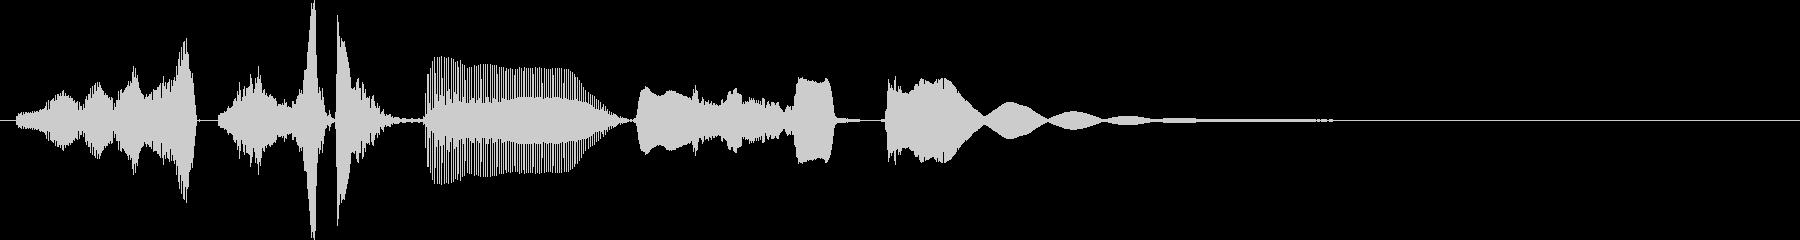 ボーイング、鳥のさえずり、ポップス...の未再生の波形